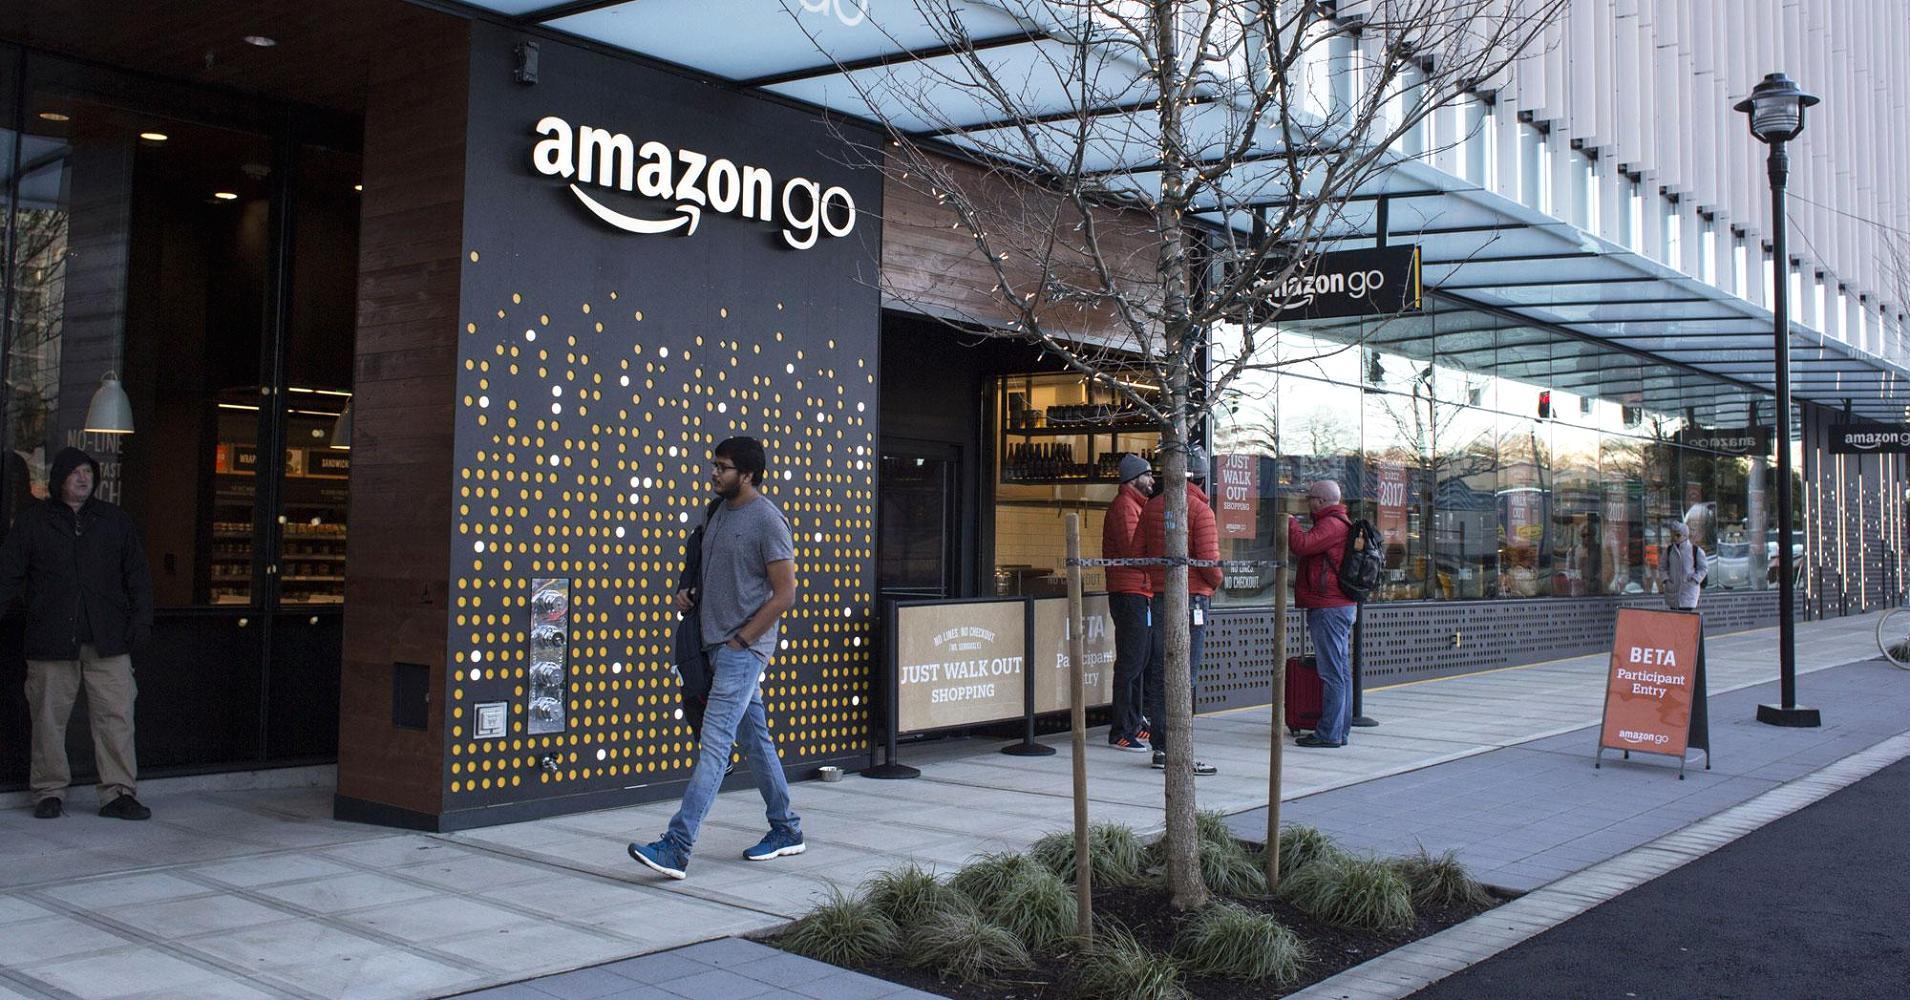 След едногодишна подготовка, първият роботизиран магазин Amazon Go, в който